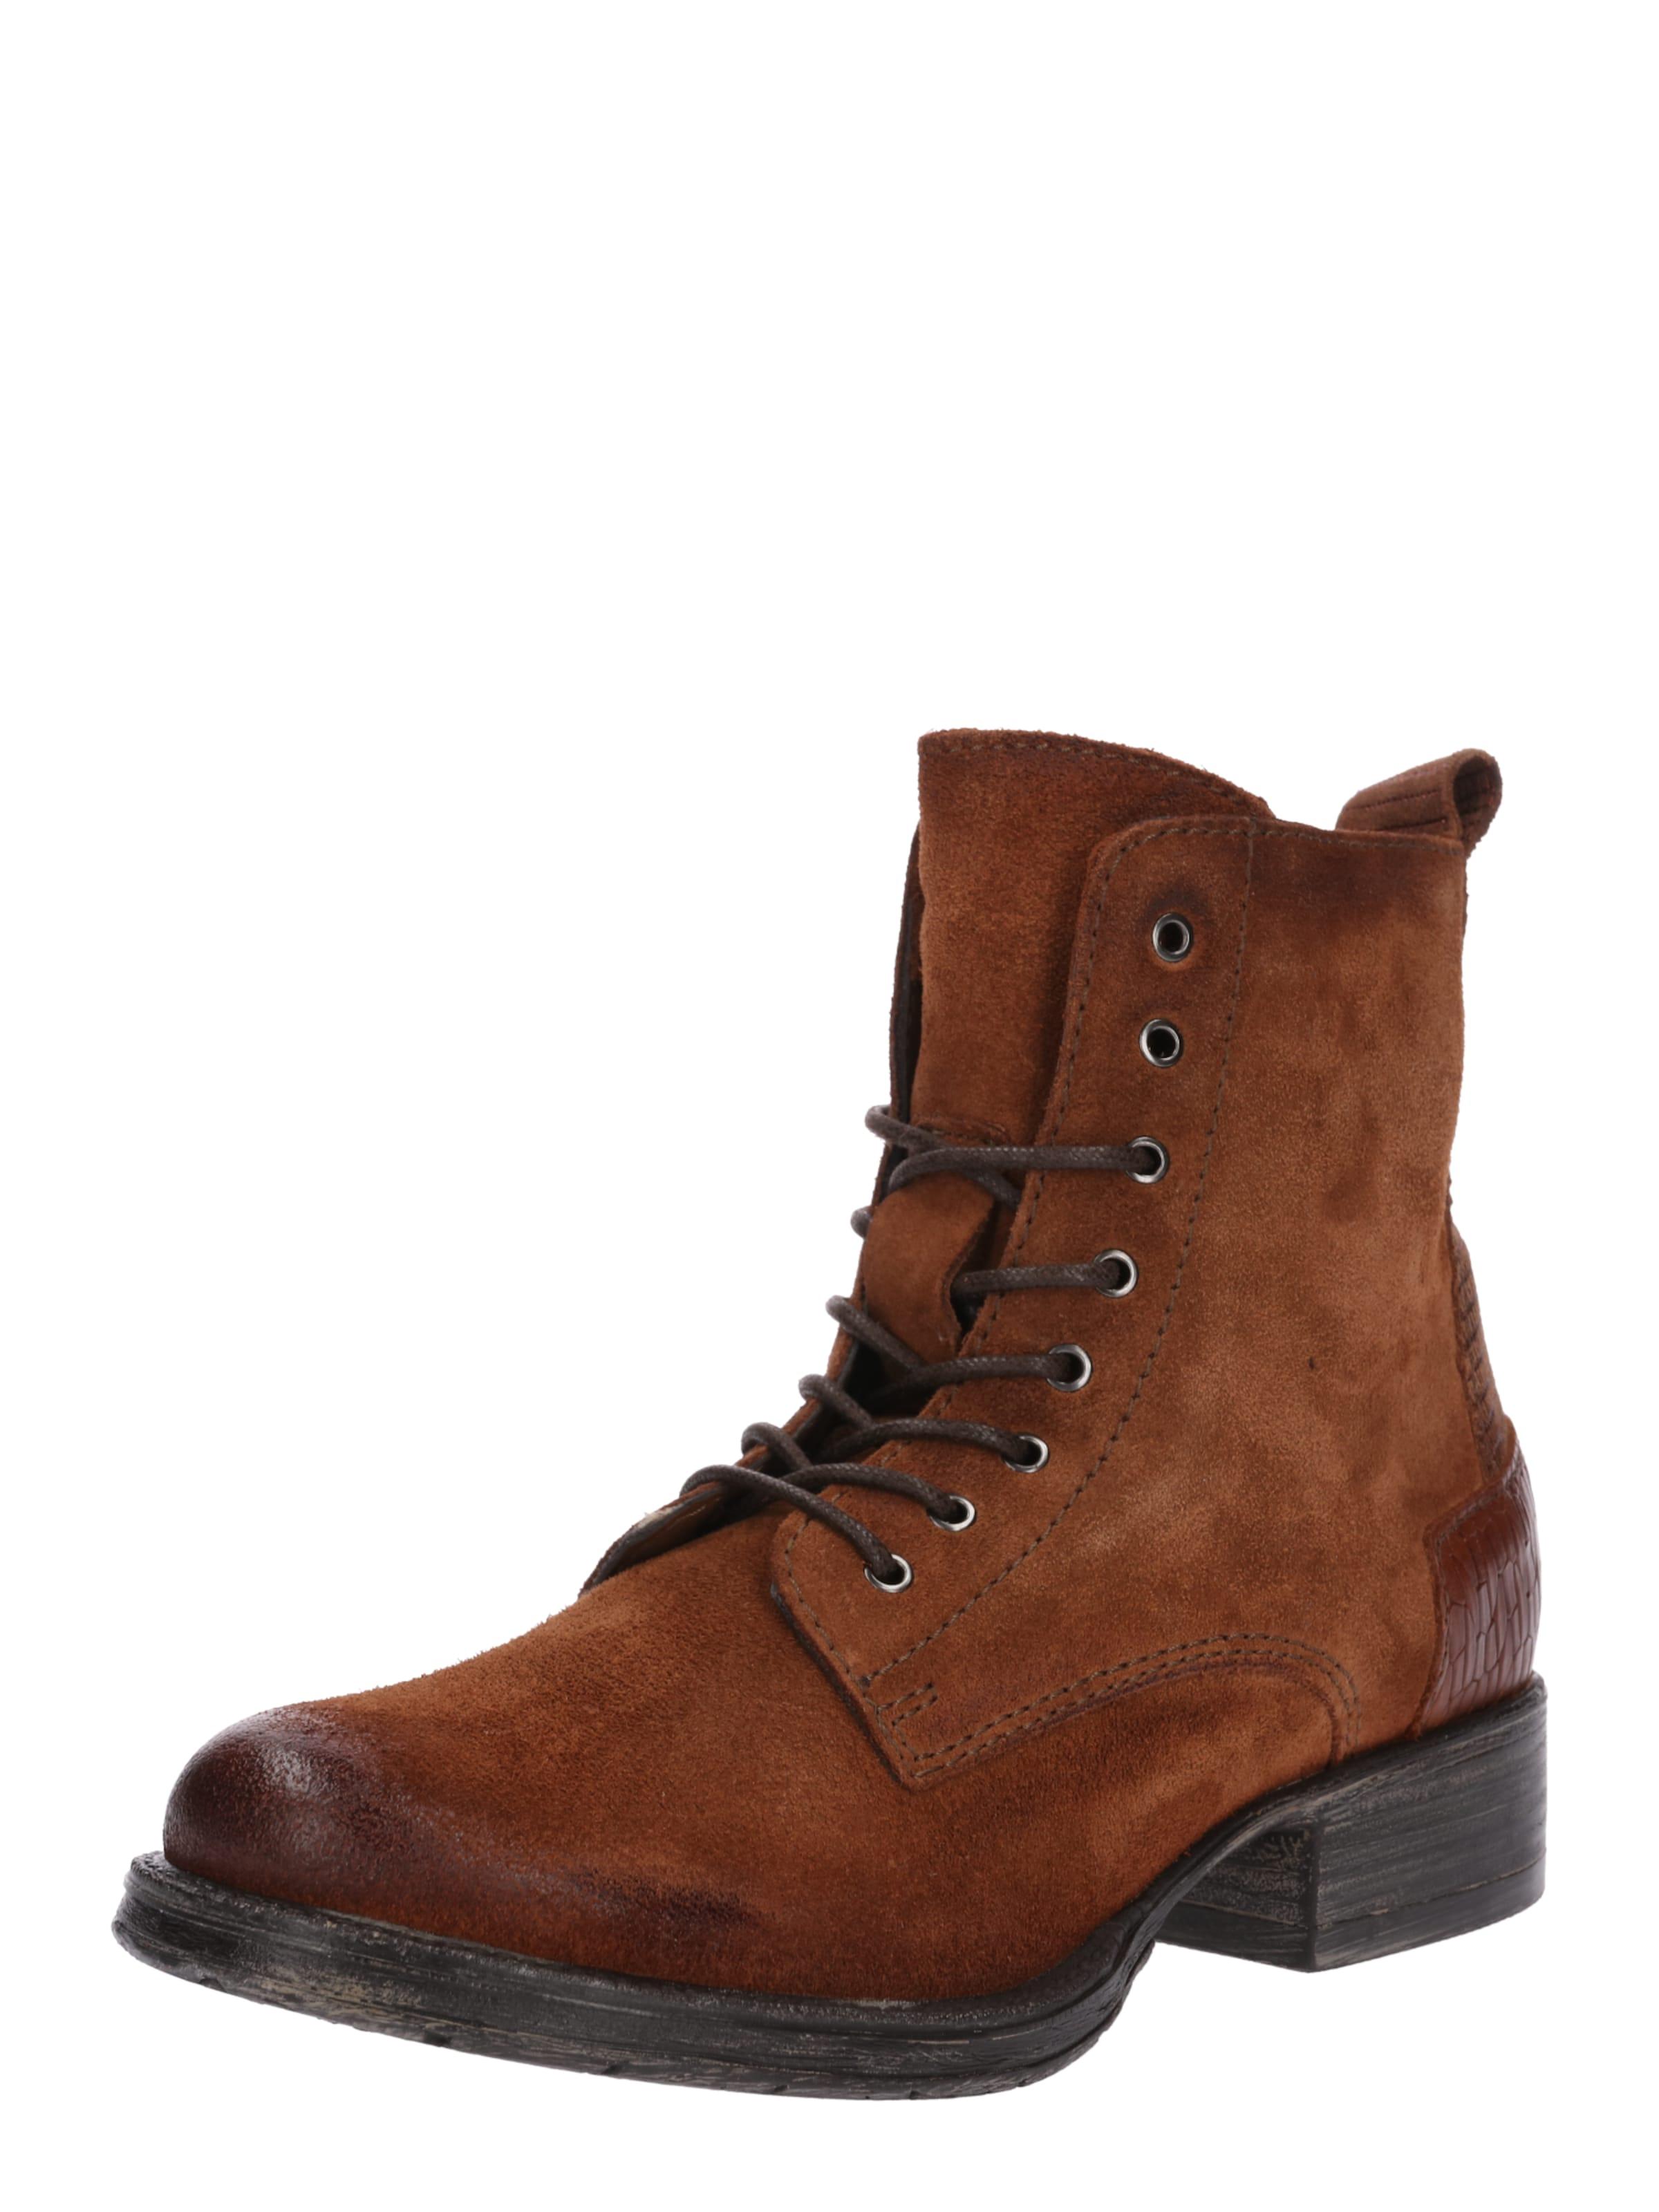 MJUS Schnürrstiefel Verschleißfeste billige Schuhe Hohe Qualität